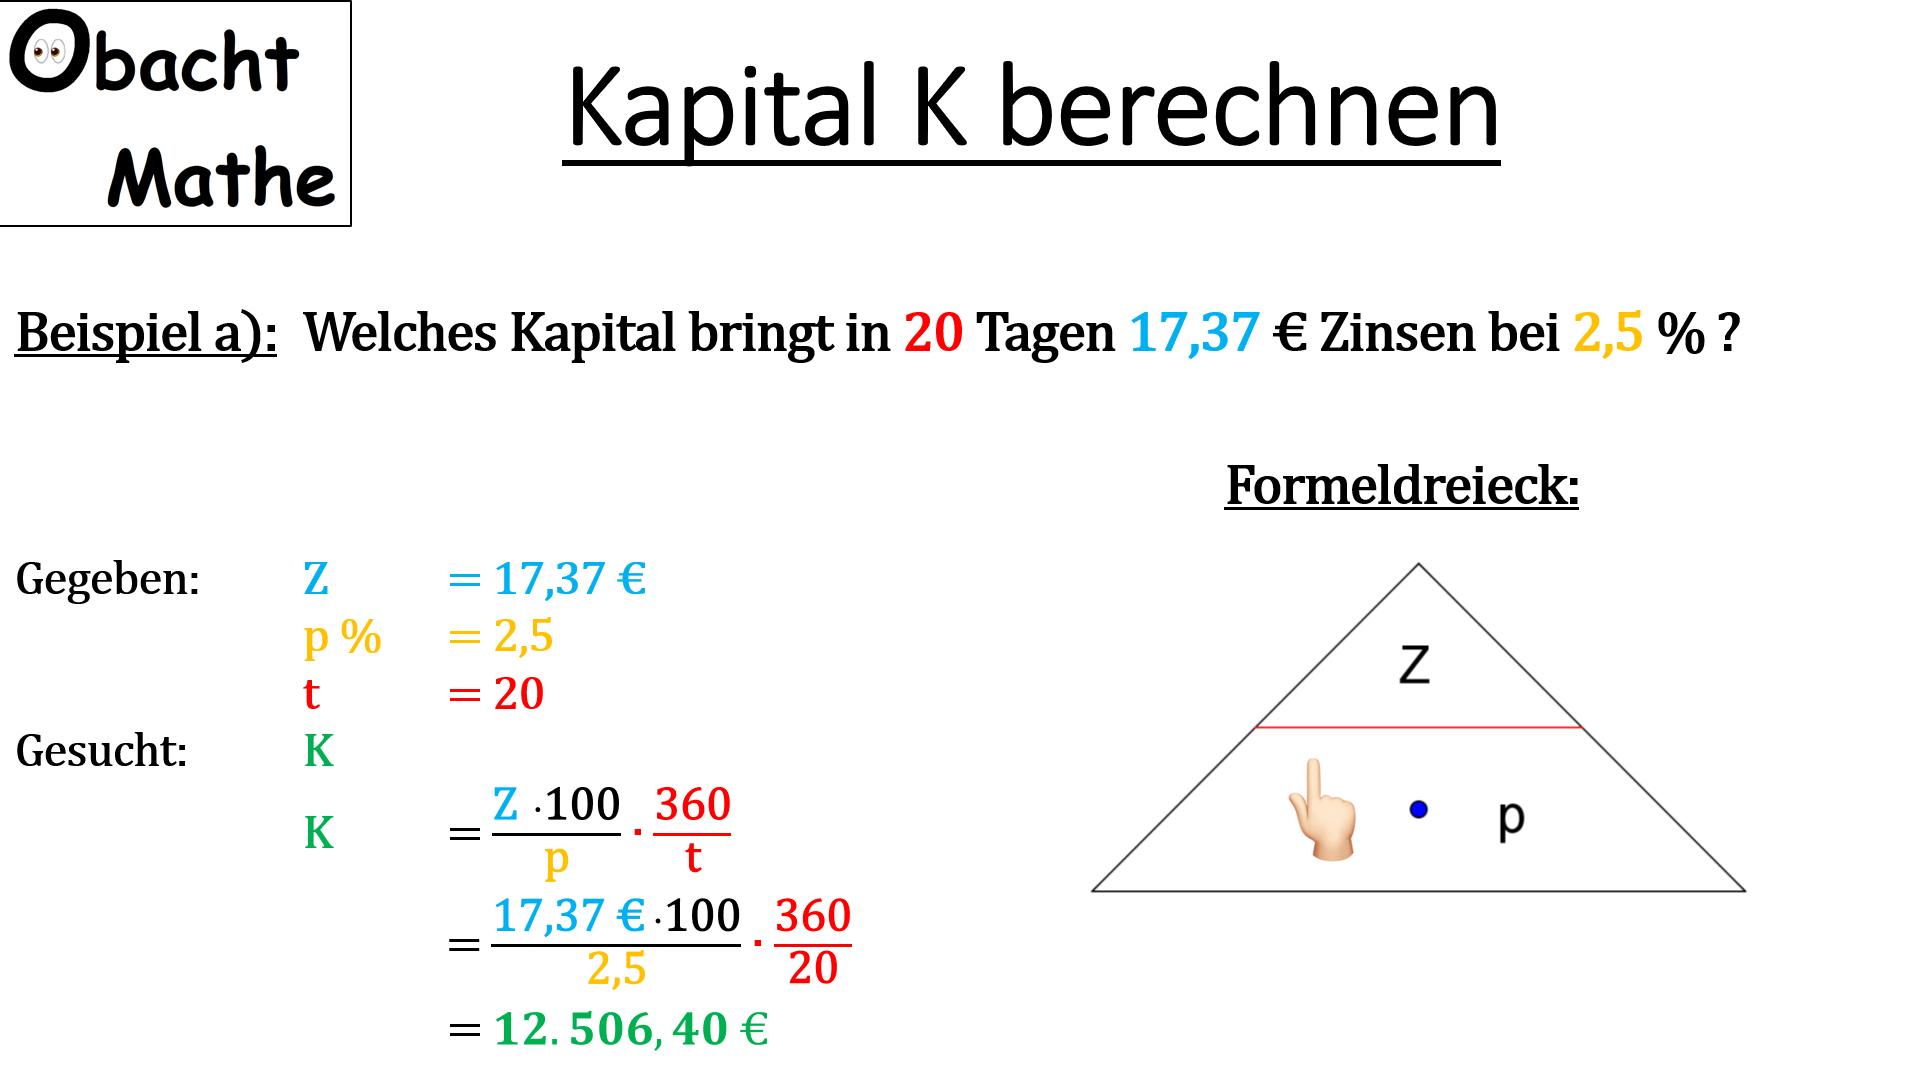 Wie Berechnet Man Das Kapital K Zinsrechnung Kapital Berechnen Formeldreieck Jahresformel Monatsfor Mathematik Lernen Mathe Unterrichten Zinsrechnung